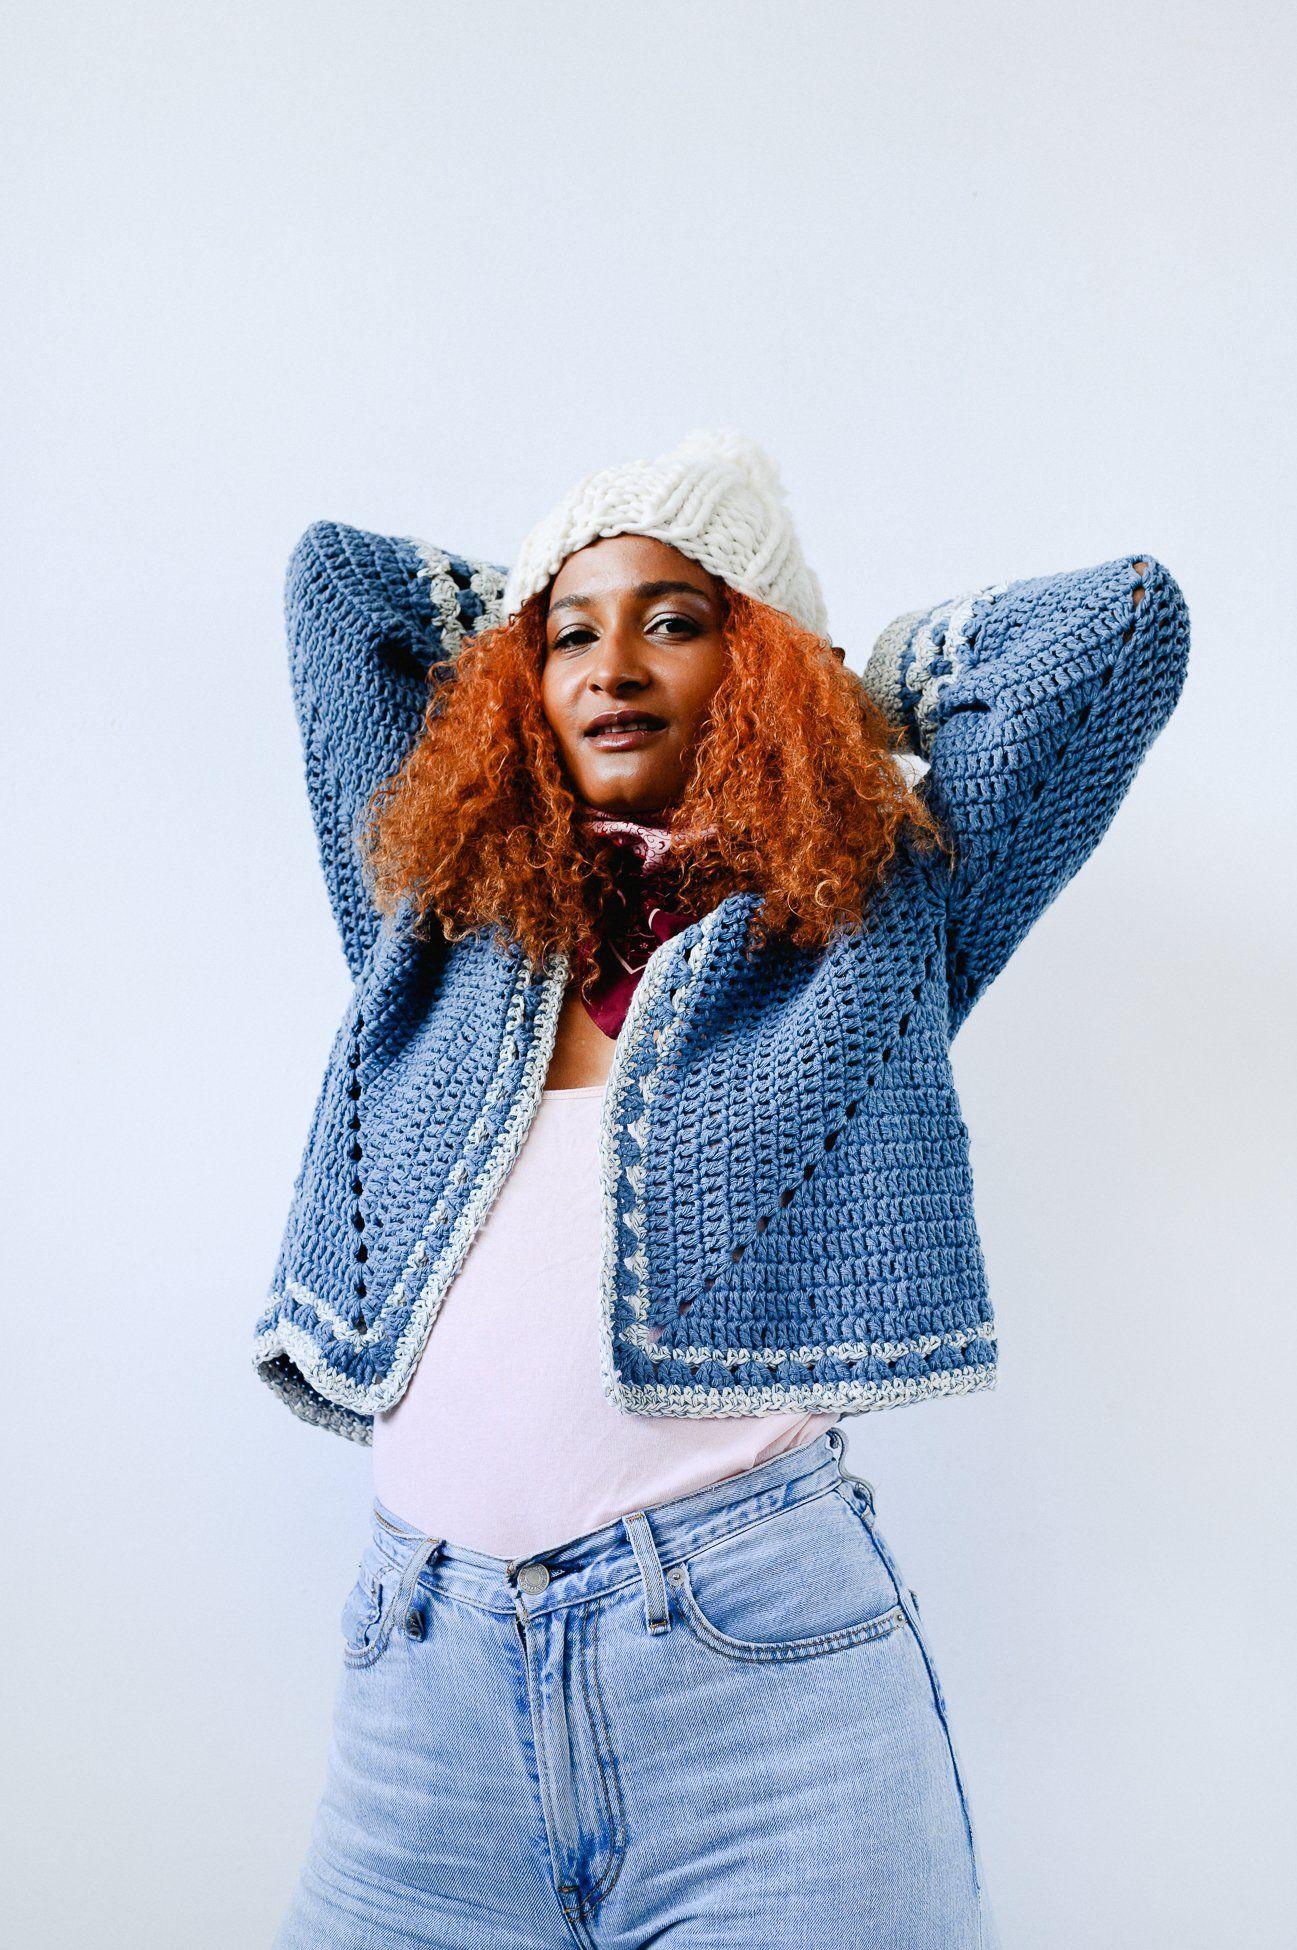 Birdsong X Katie Jones Recycled Denim Crochet Cardigan